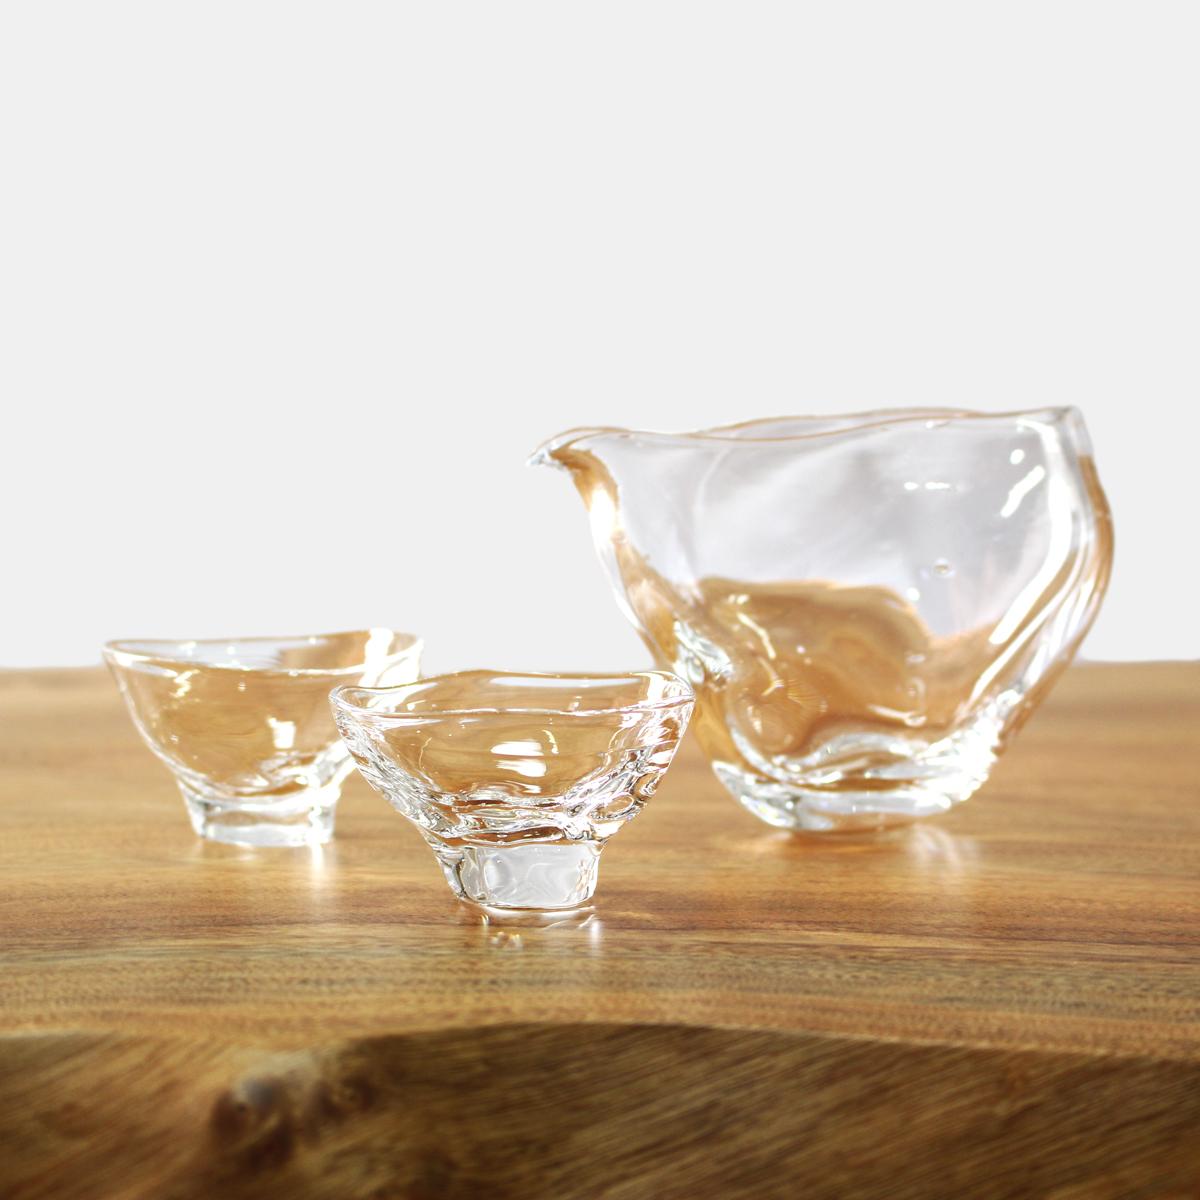 glasscalico グラスキャリコ ハンドメイド ガラス酒器 ミナモ 冷酒器セット (片口・ぐい呑 2個) おしゃれ ギフト プレゼント